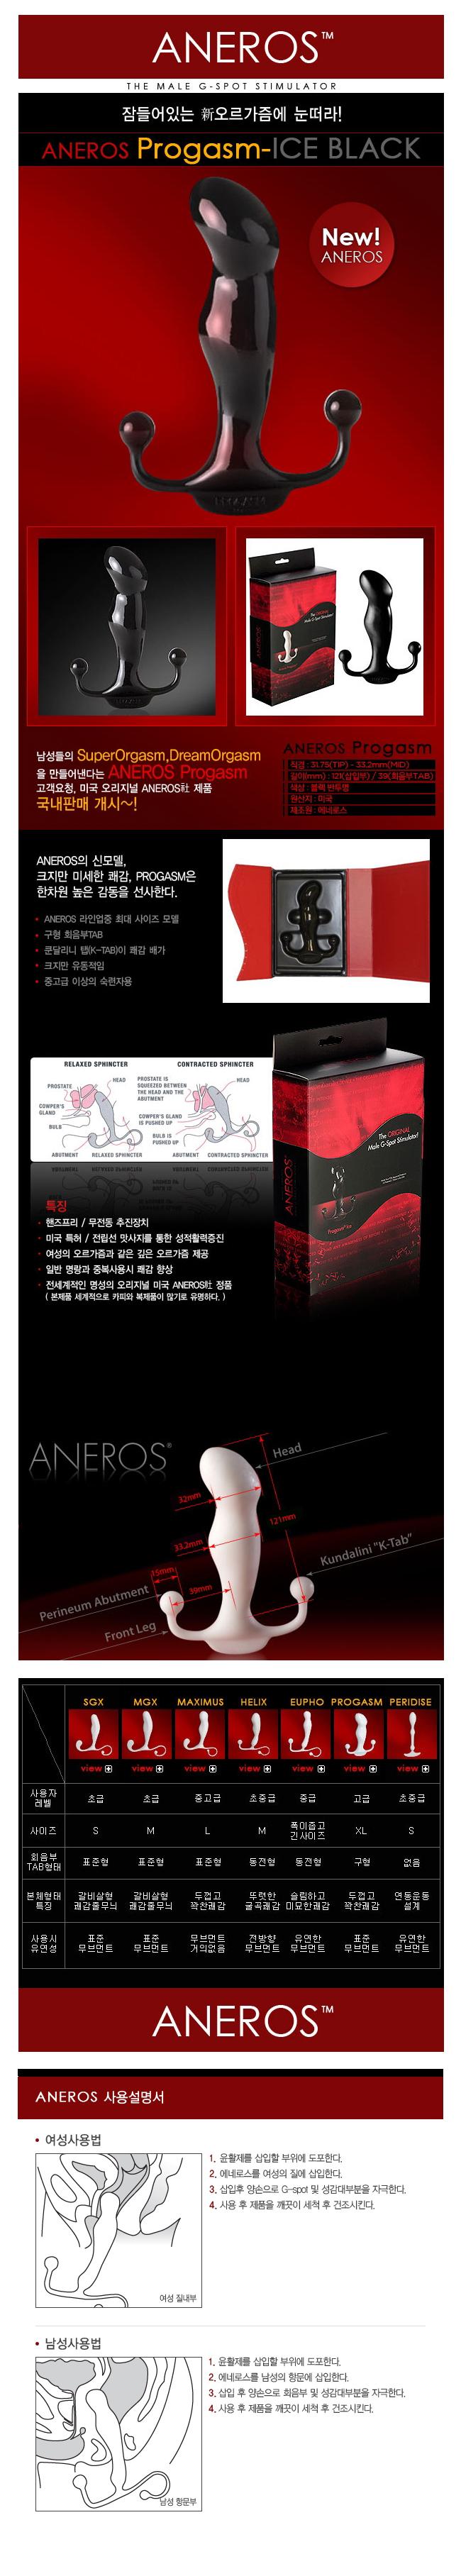 [일본 직수입] 아네로스 PROGASM 아이스 블랙(ANEROS PROGASM ICE BRACK)-[아네로스 정품] (ANRS)